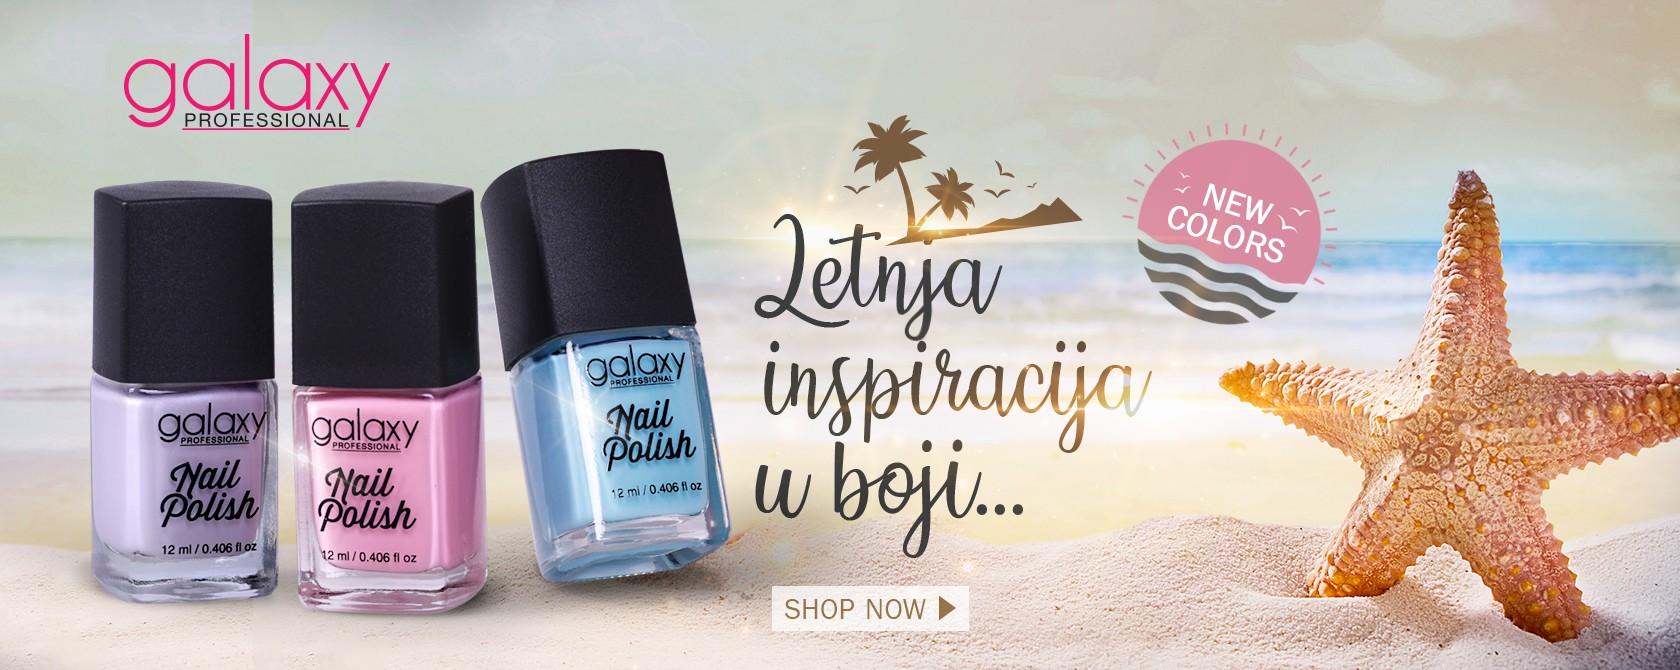 Galaxy nail polish new color